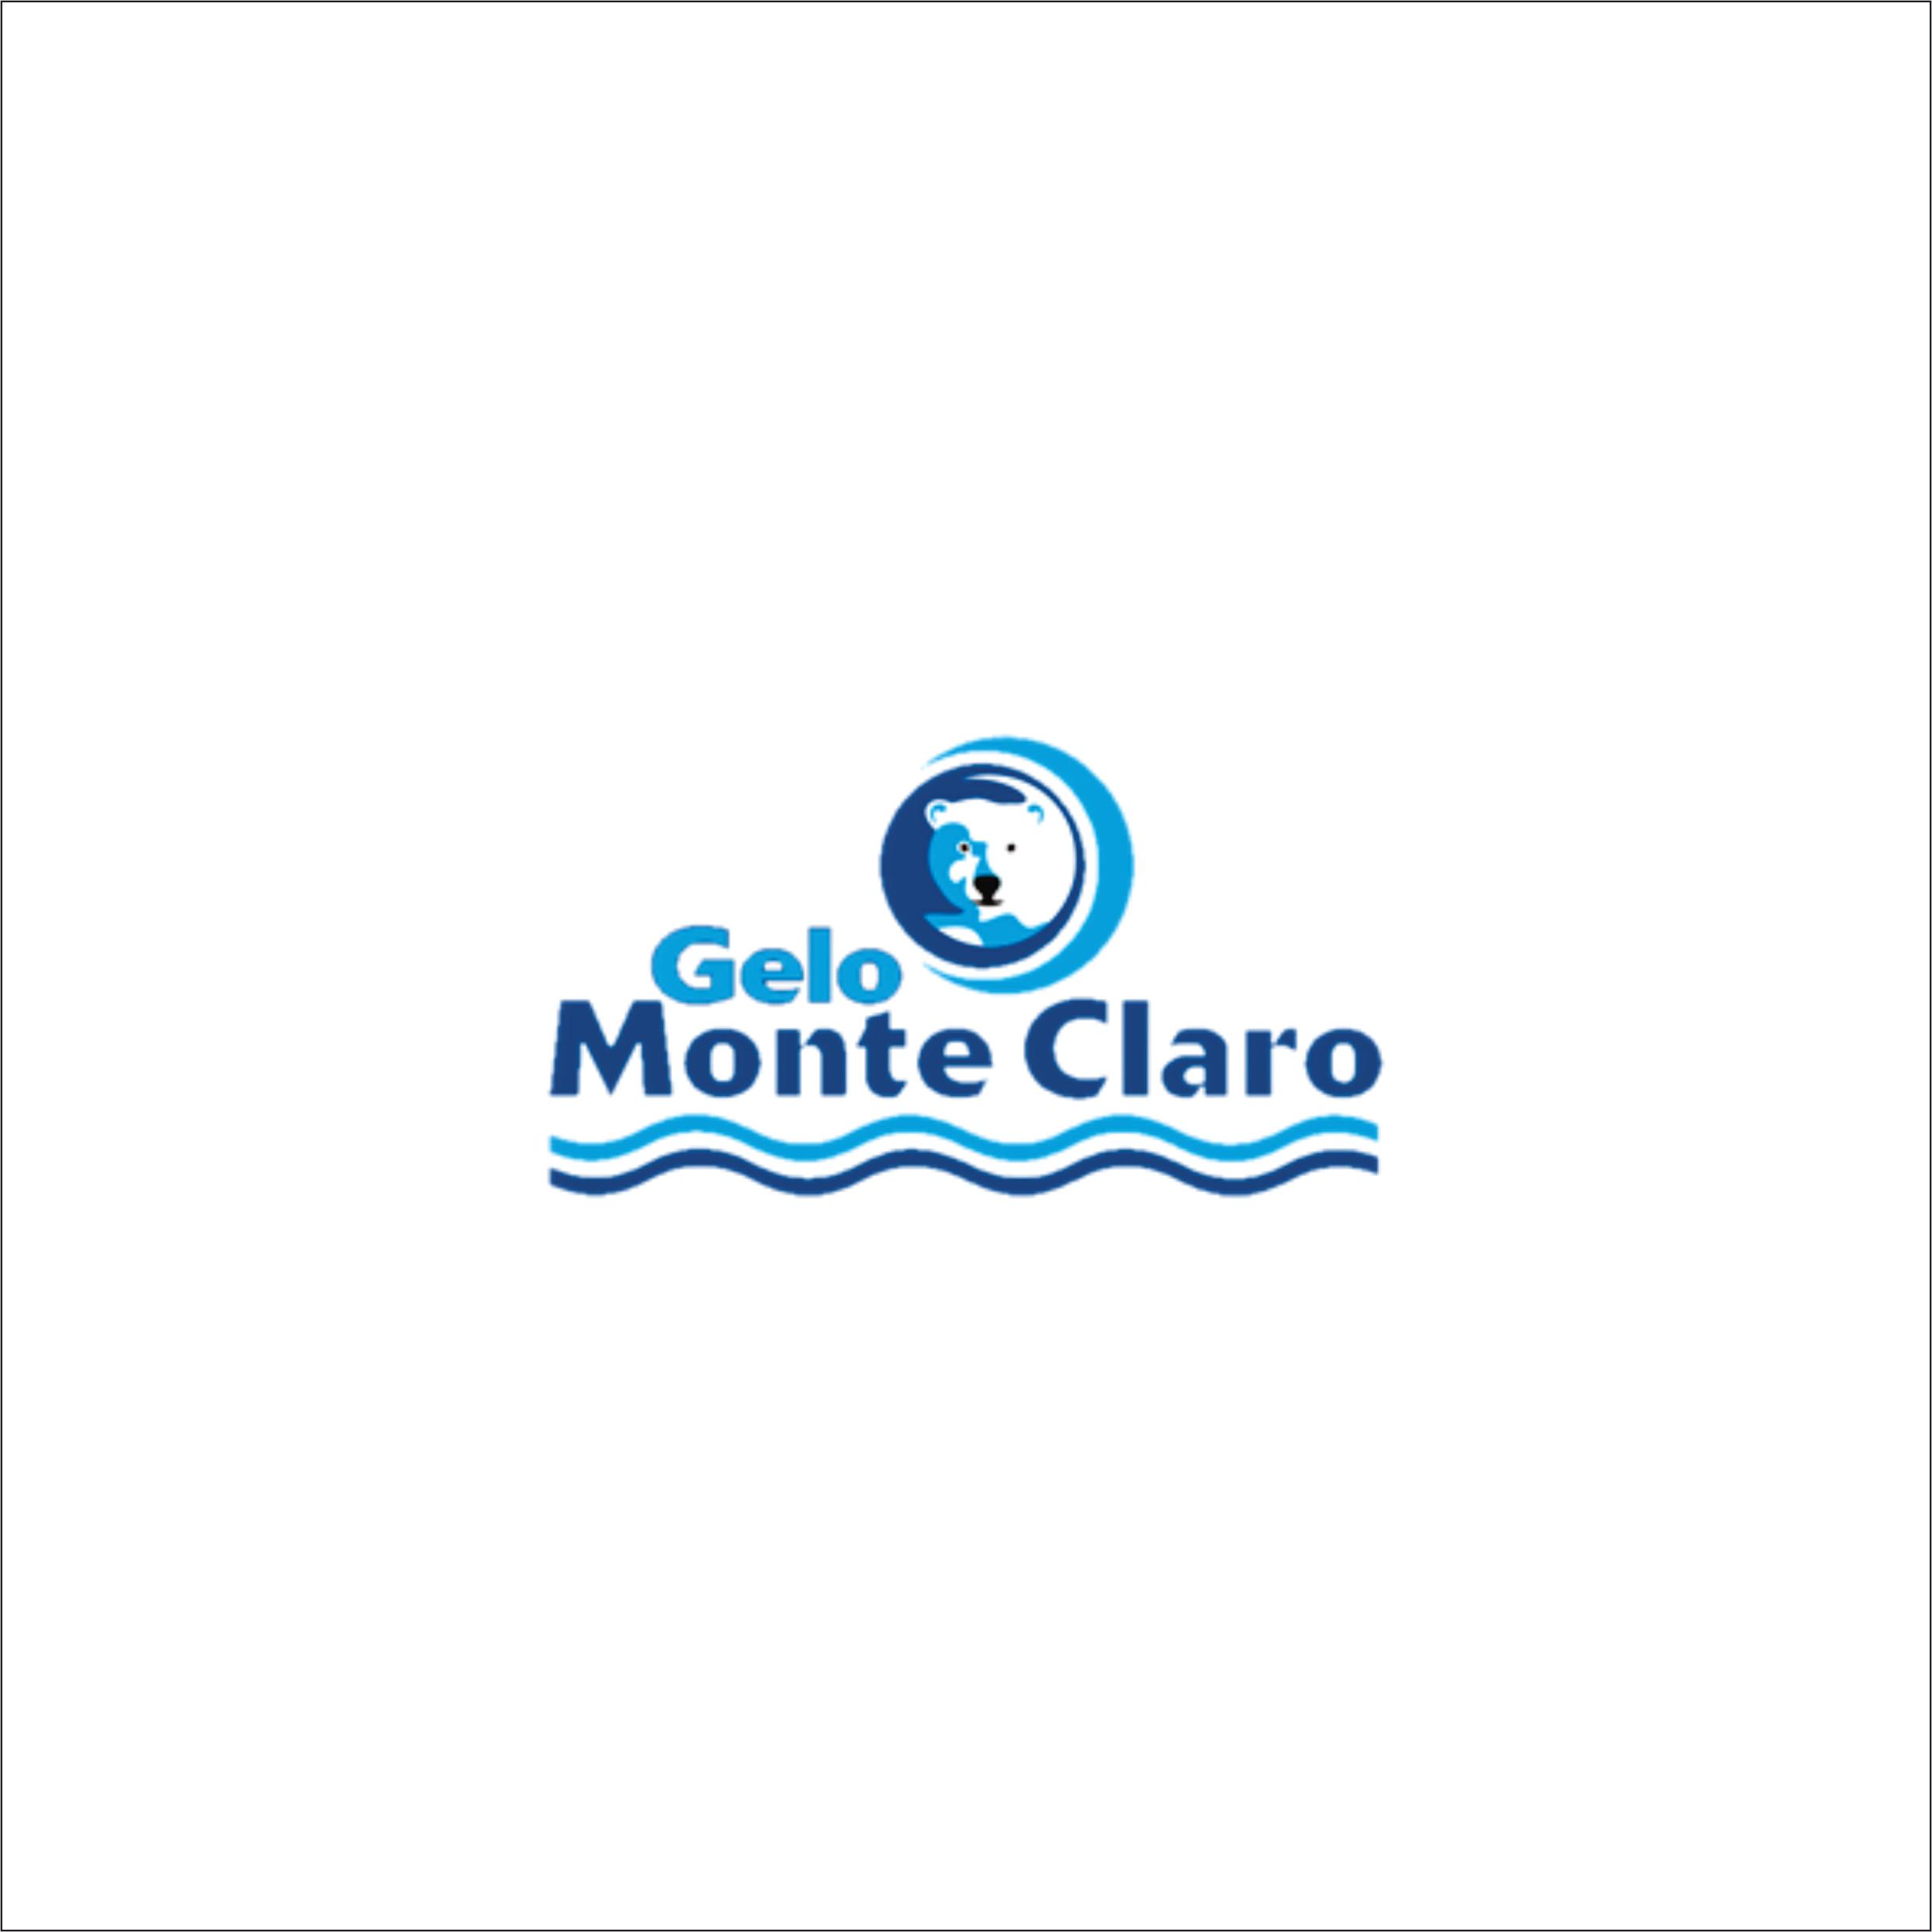 Gelo Monte Claro